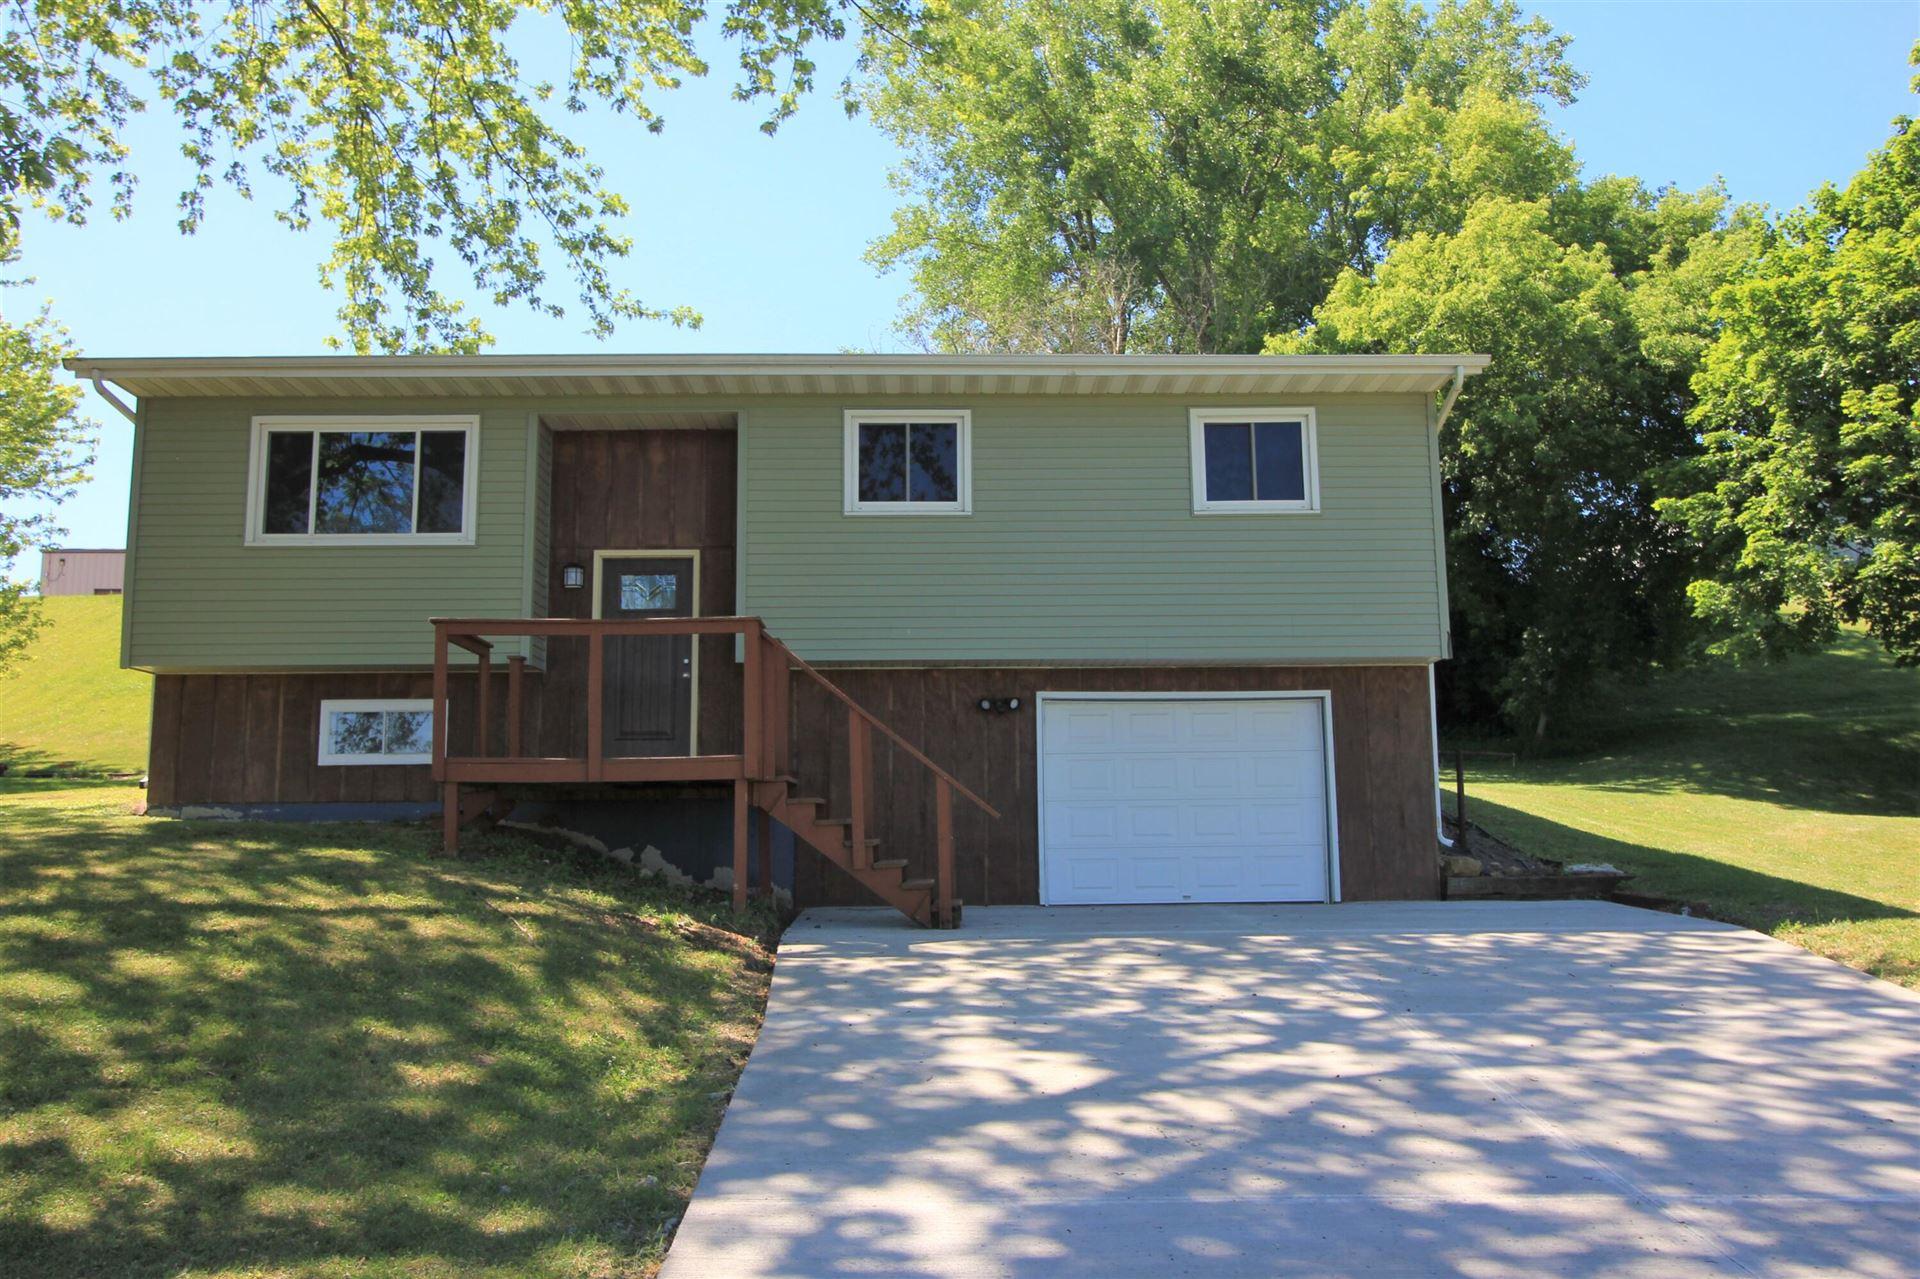 W2799 Birch Ln, Greenfield, WI 54601 - MLS#: 1746320